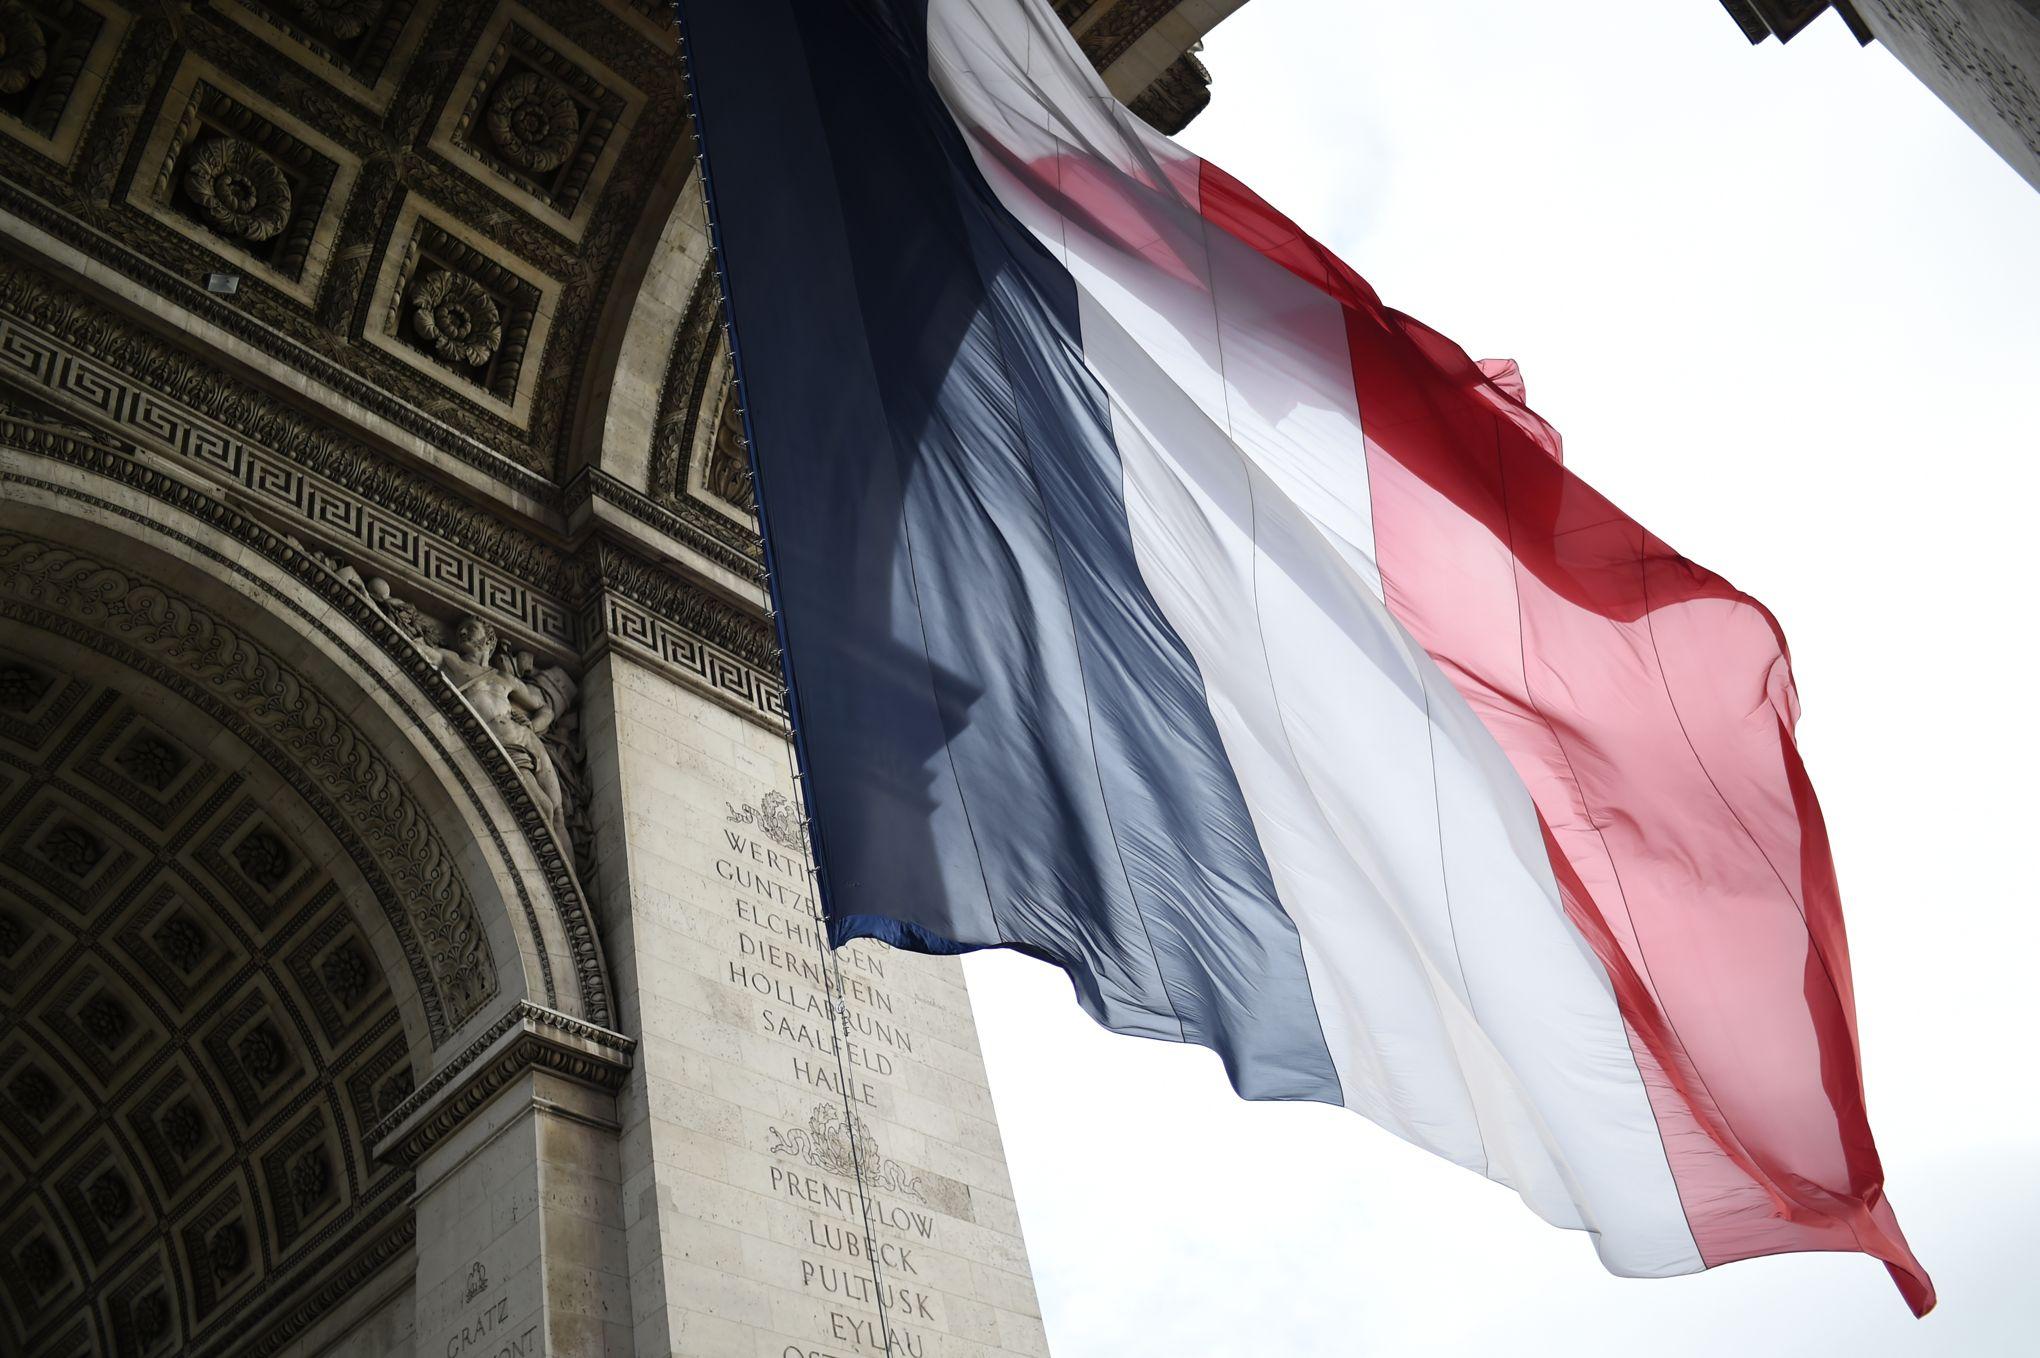 La France perd une place au palmarès annuel de Bloomberg qui consacre les pays qui en font le plus pour l'innovation, mais aussi ceux où la concentration de compagnies high-tech est la plus importante. La Corée du Sud est première.